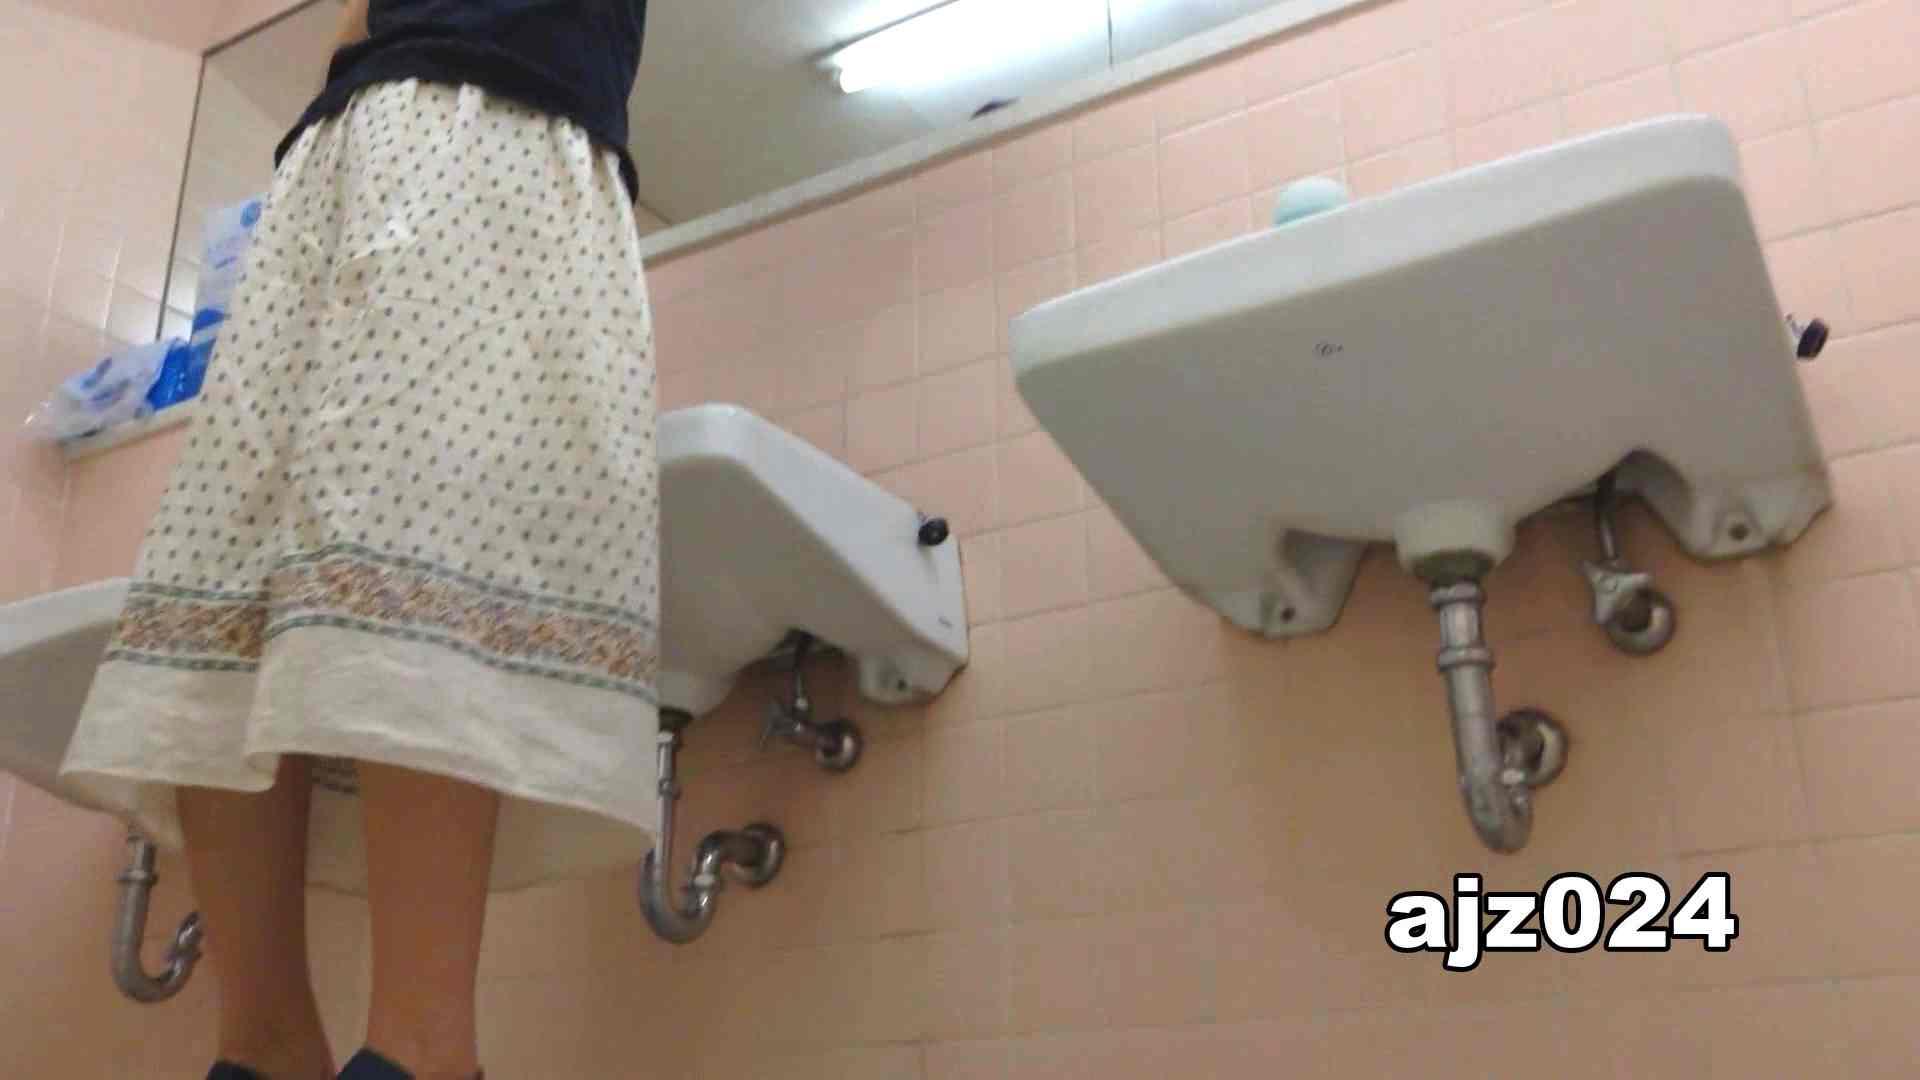 某有名大学女性洗面所 vol.24 和式 隠し撮りすけべAV動画紹介 59画像 19